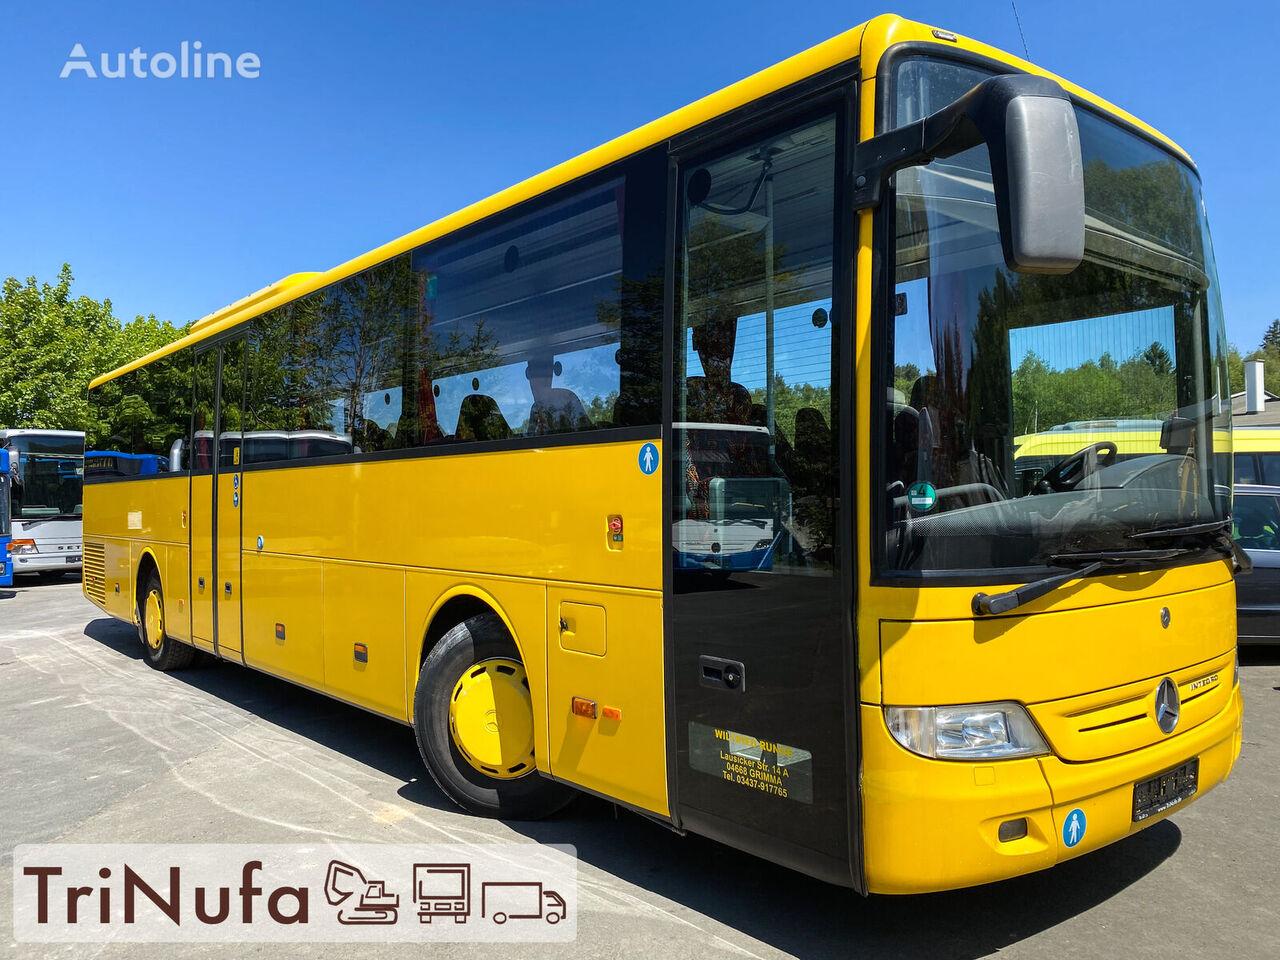 MERCEDES-BENZ O 550 Integro | Klima | Schaltgetriebe | Euro 5 | interurban bus